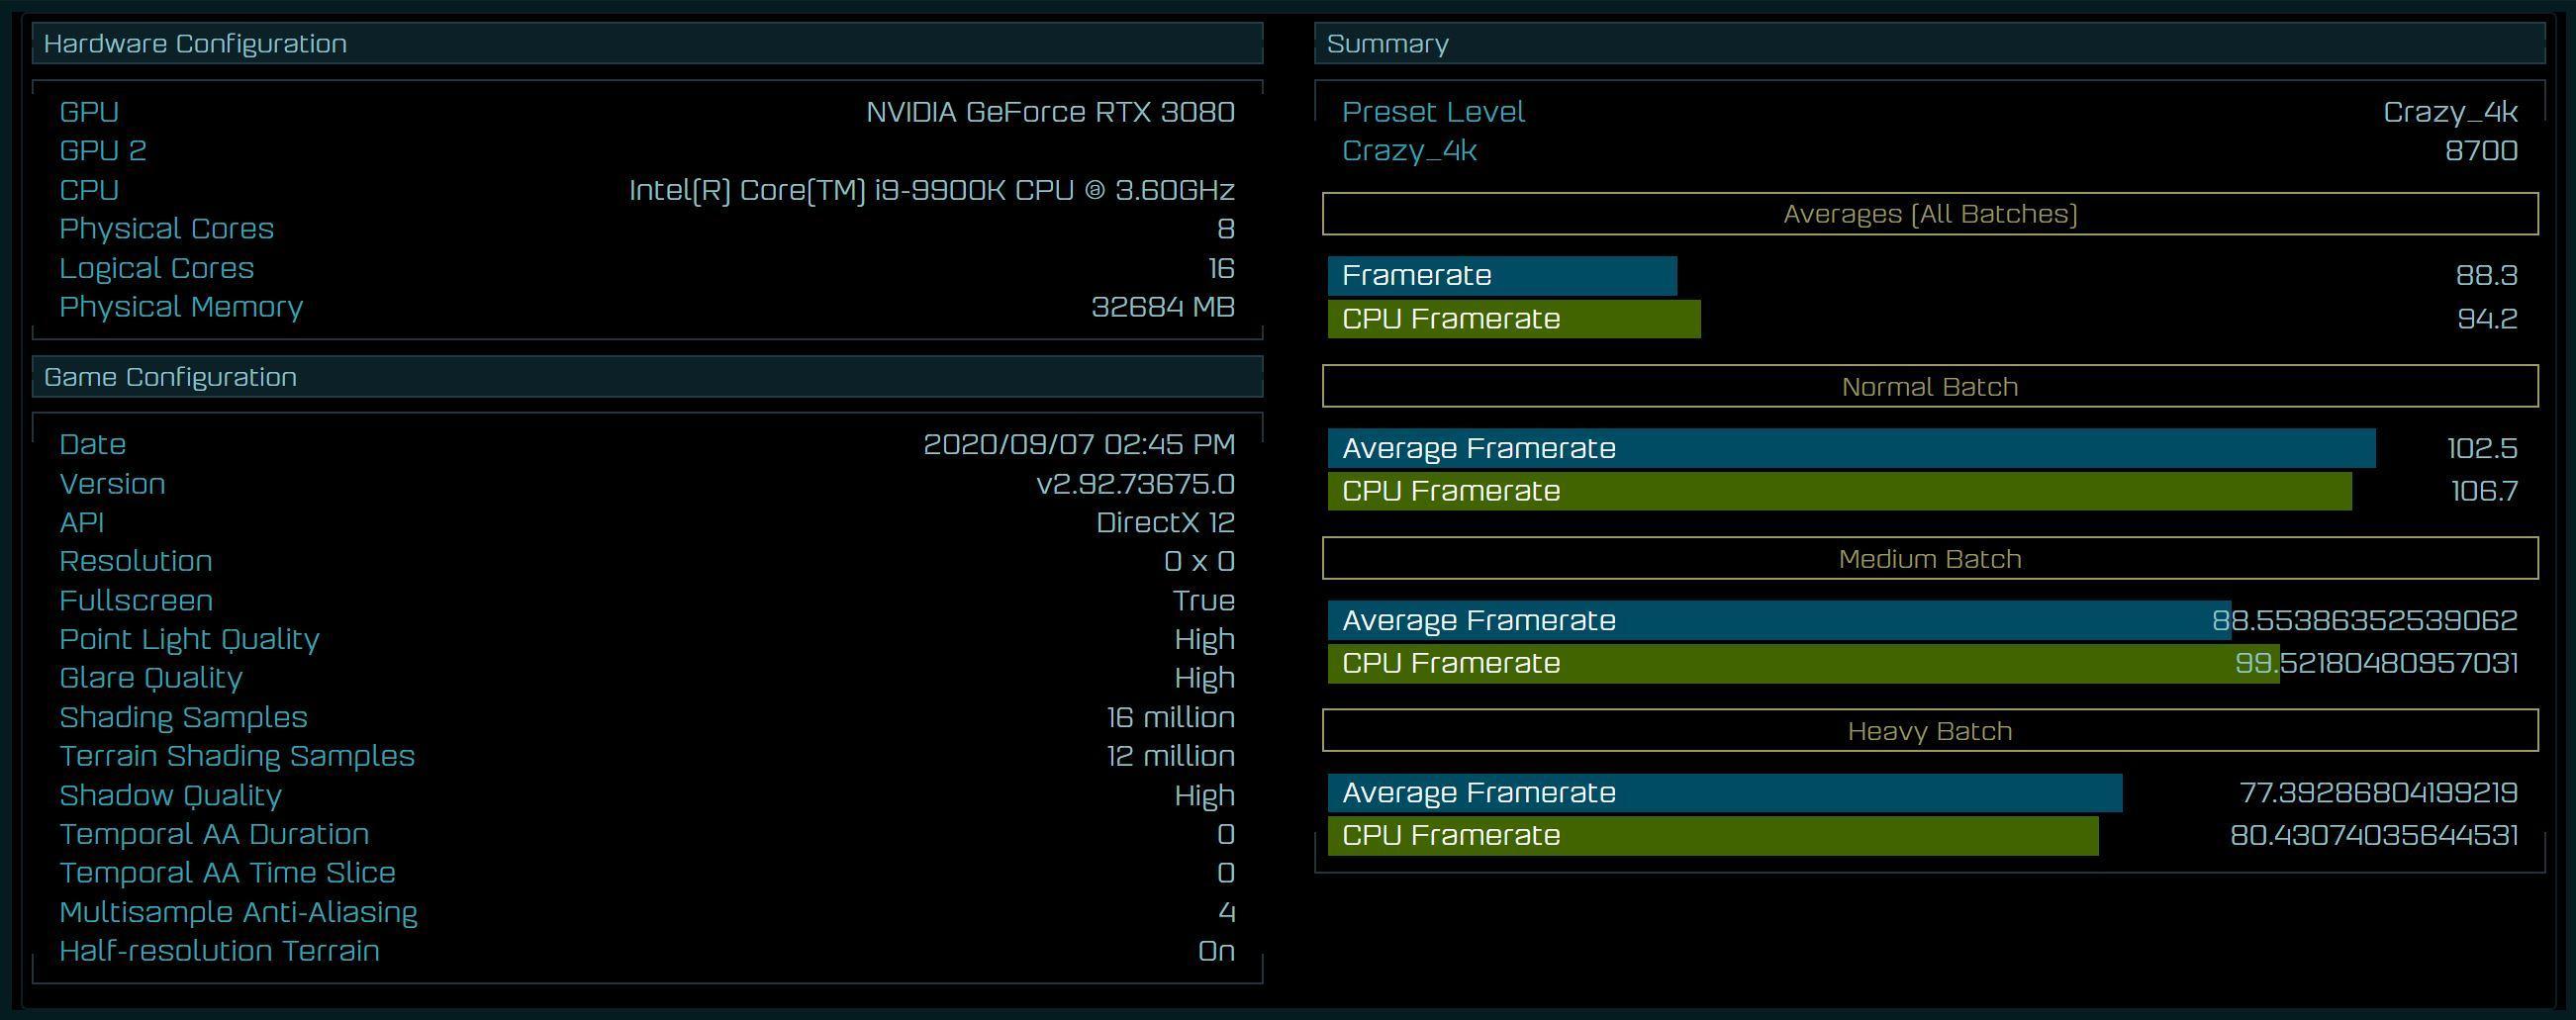 Nvidia Geforce Rtx 3080 Benchmark Ashes Of The Singularity 4k